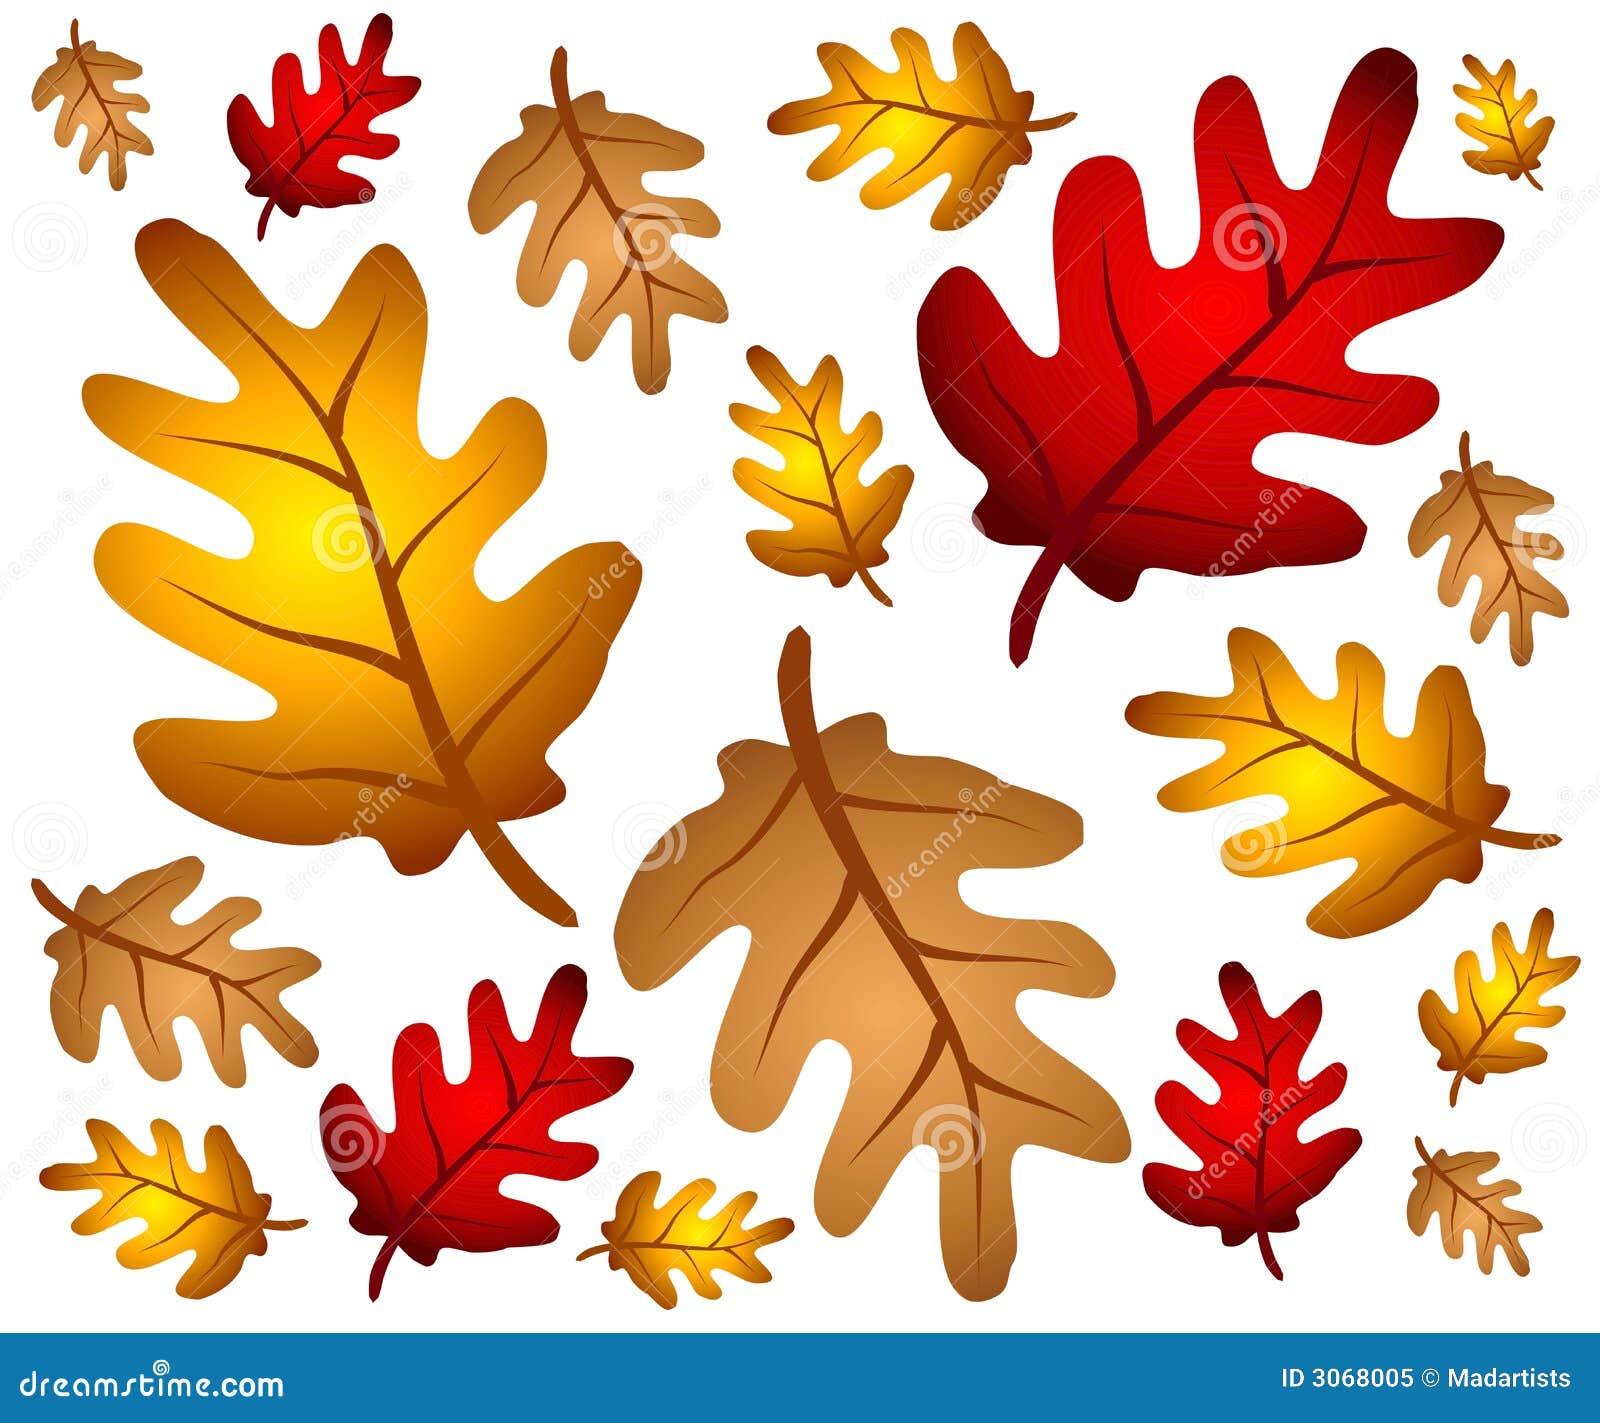 autumn oak leaves background stock illustration illustration of rh dreamstime com oak leaf clipart black and white oak tree leaf clipart